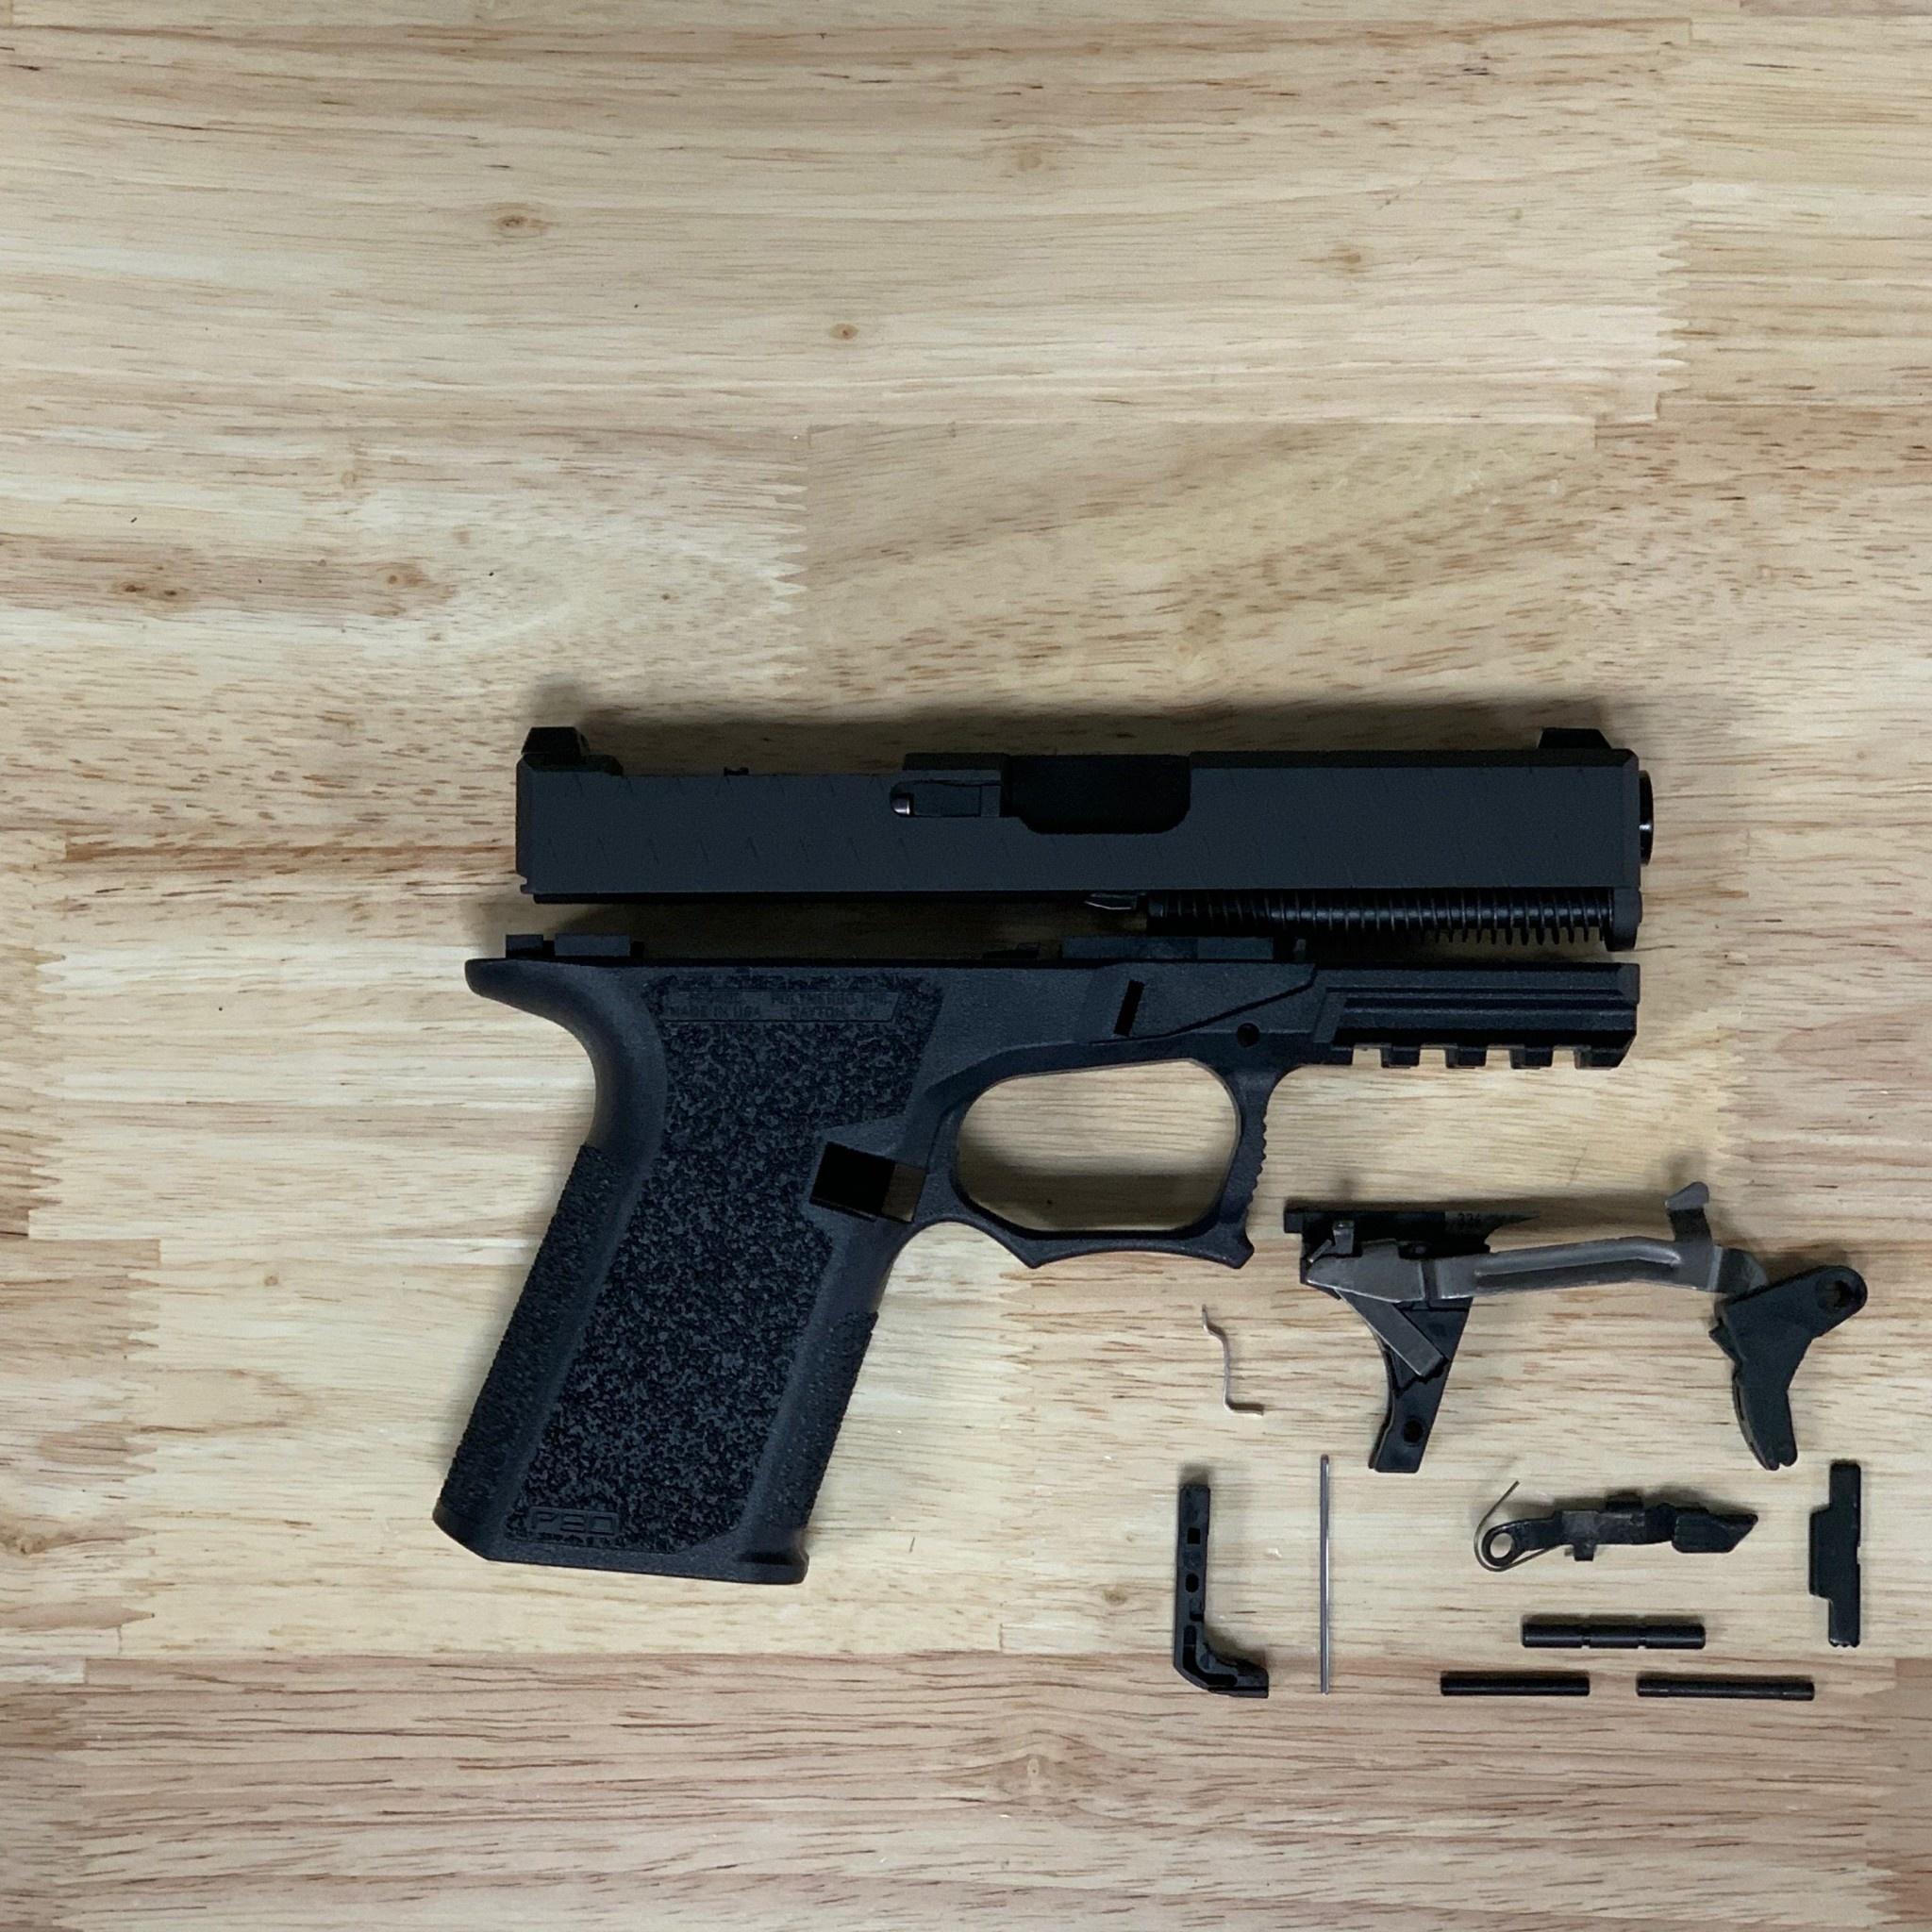 G23 FU-T3-BLK-02 w/ RMR Full Build Kit